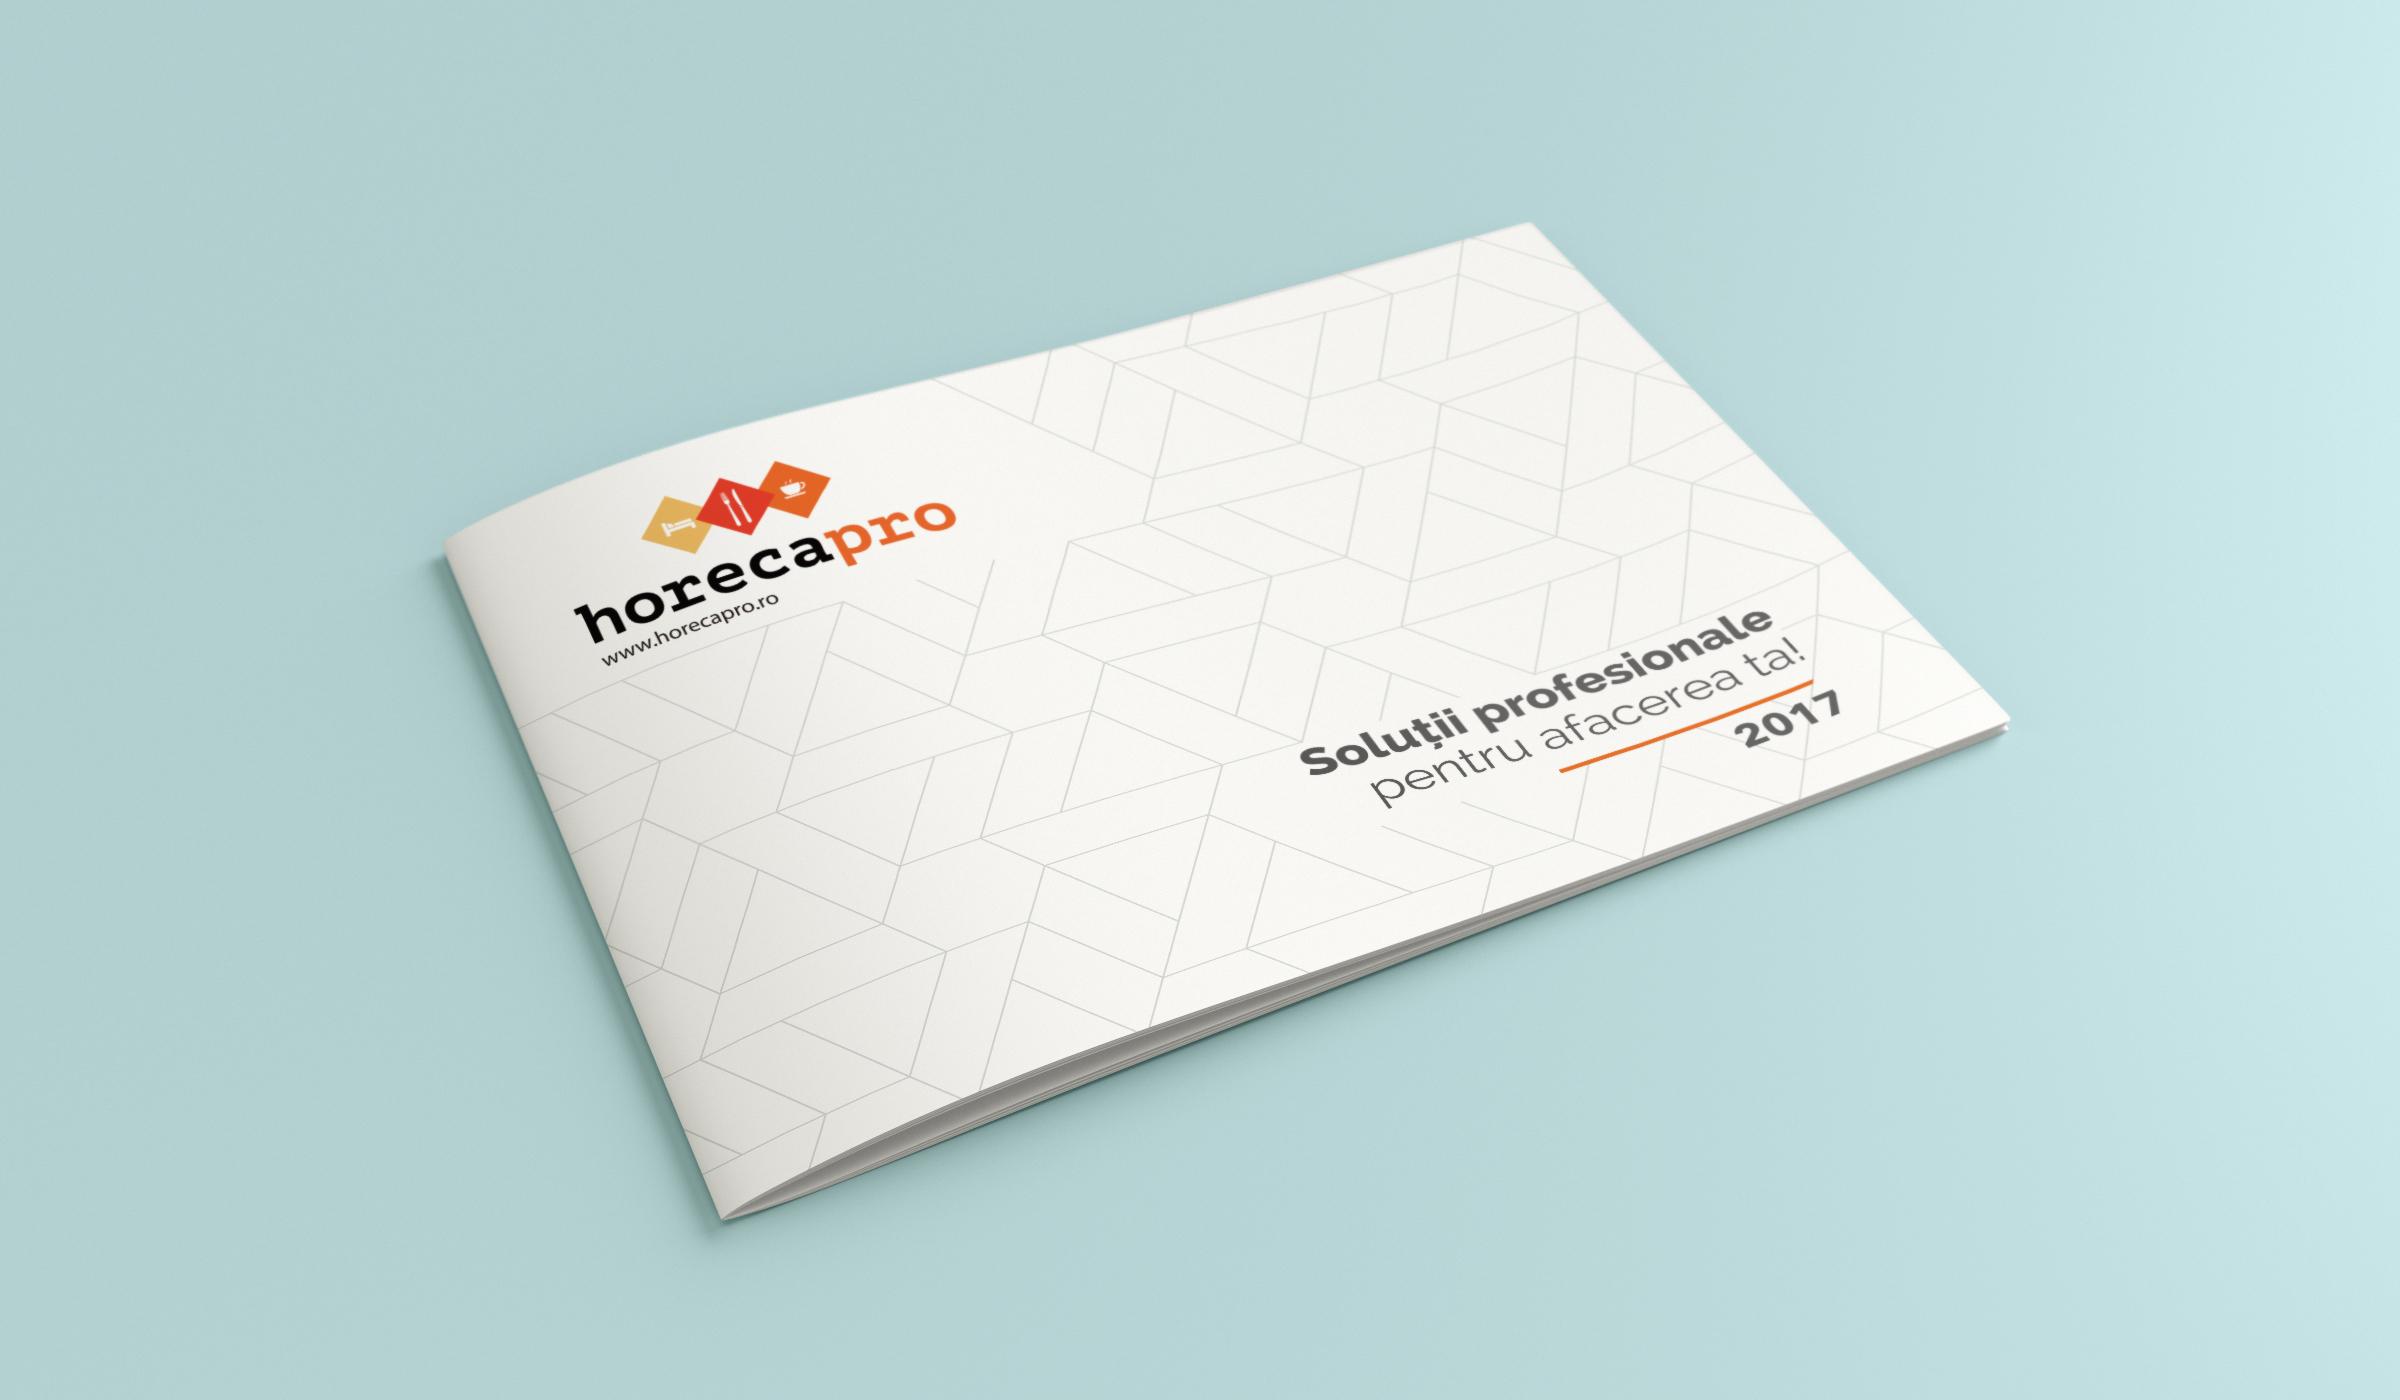 Catalog Horeca Pro